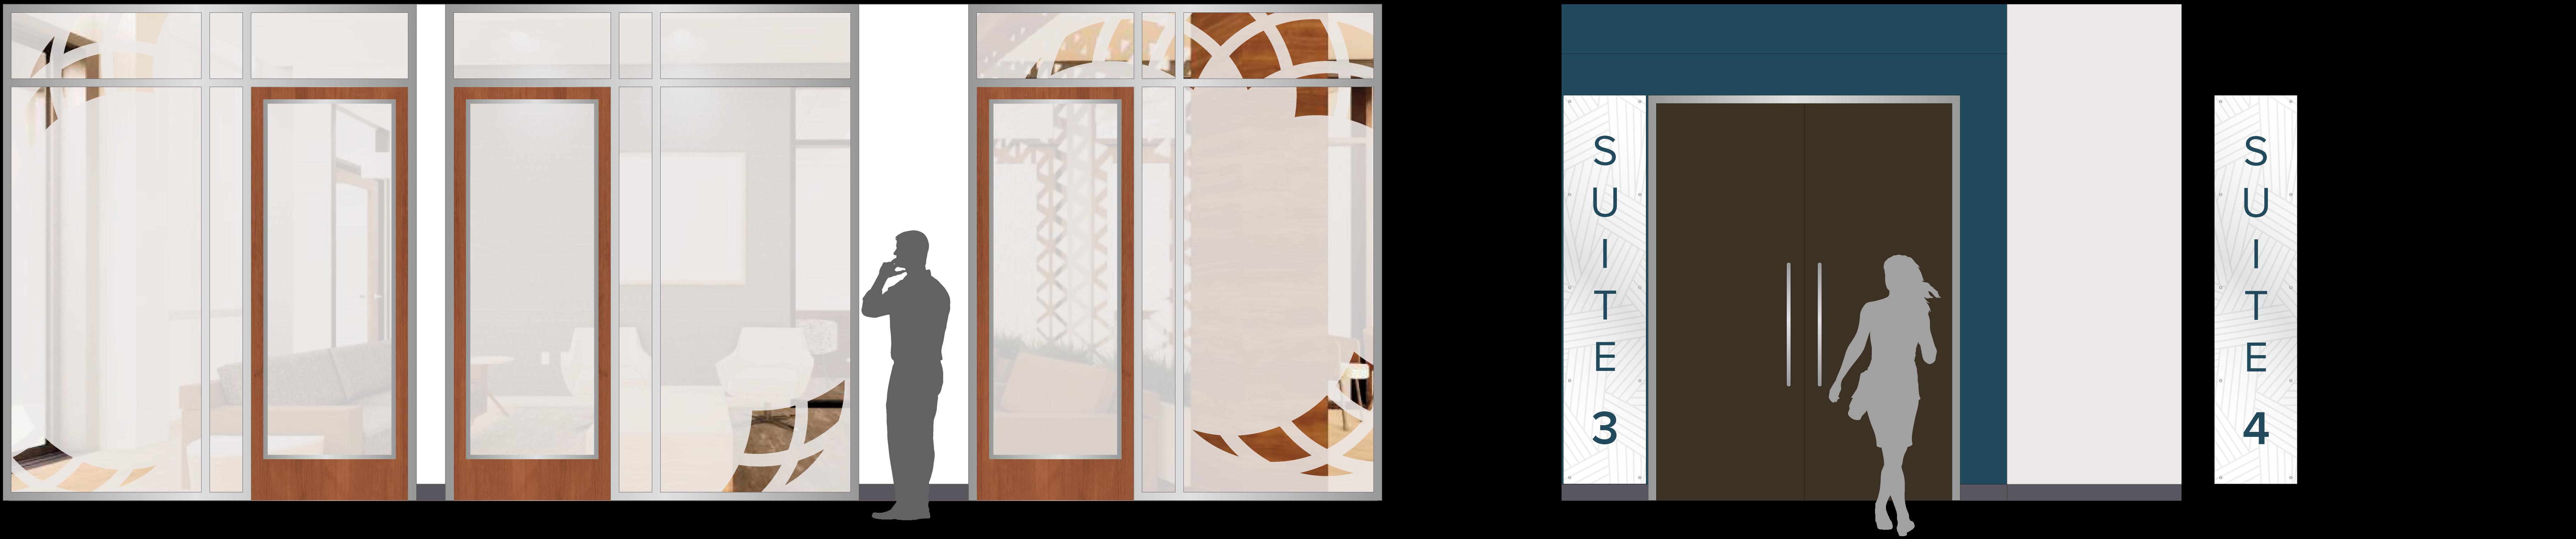 Window film renderings